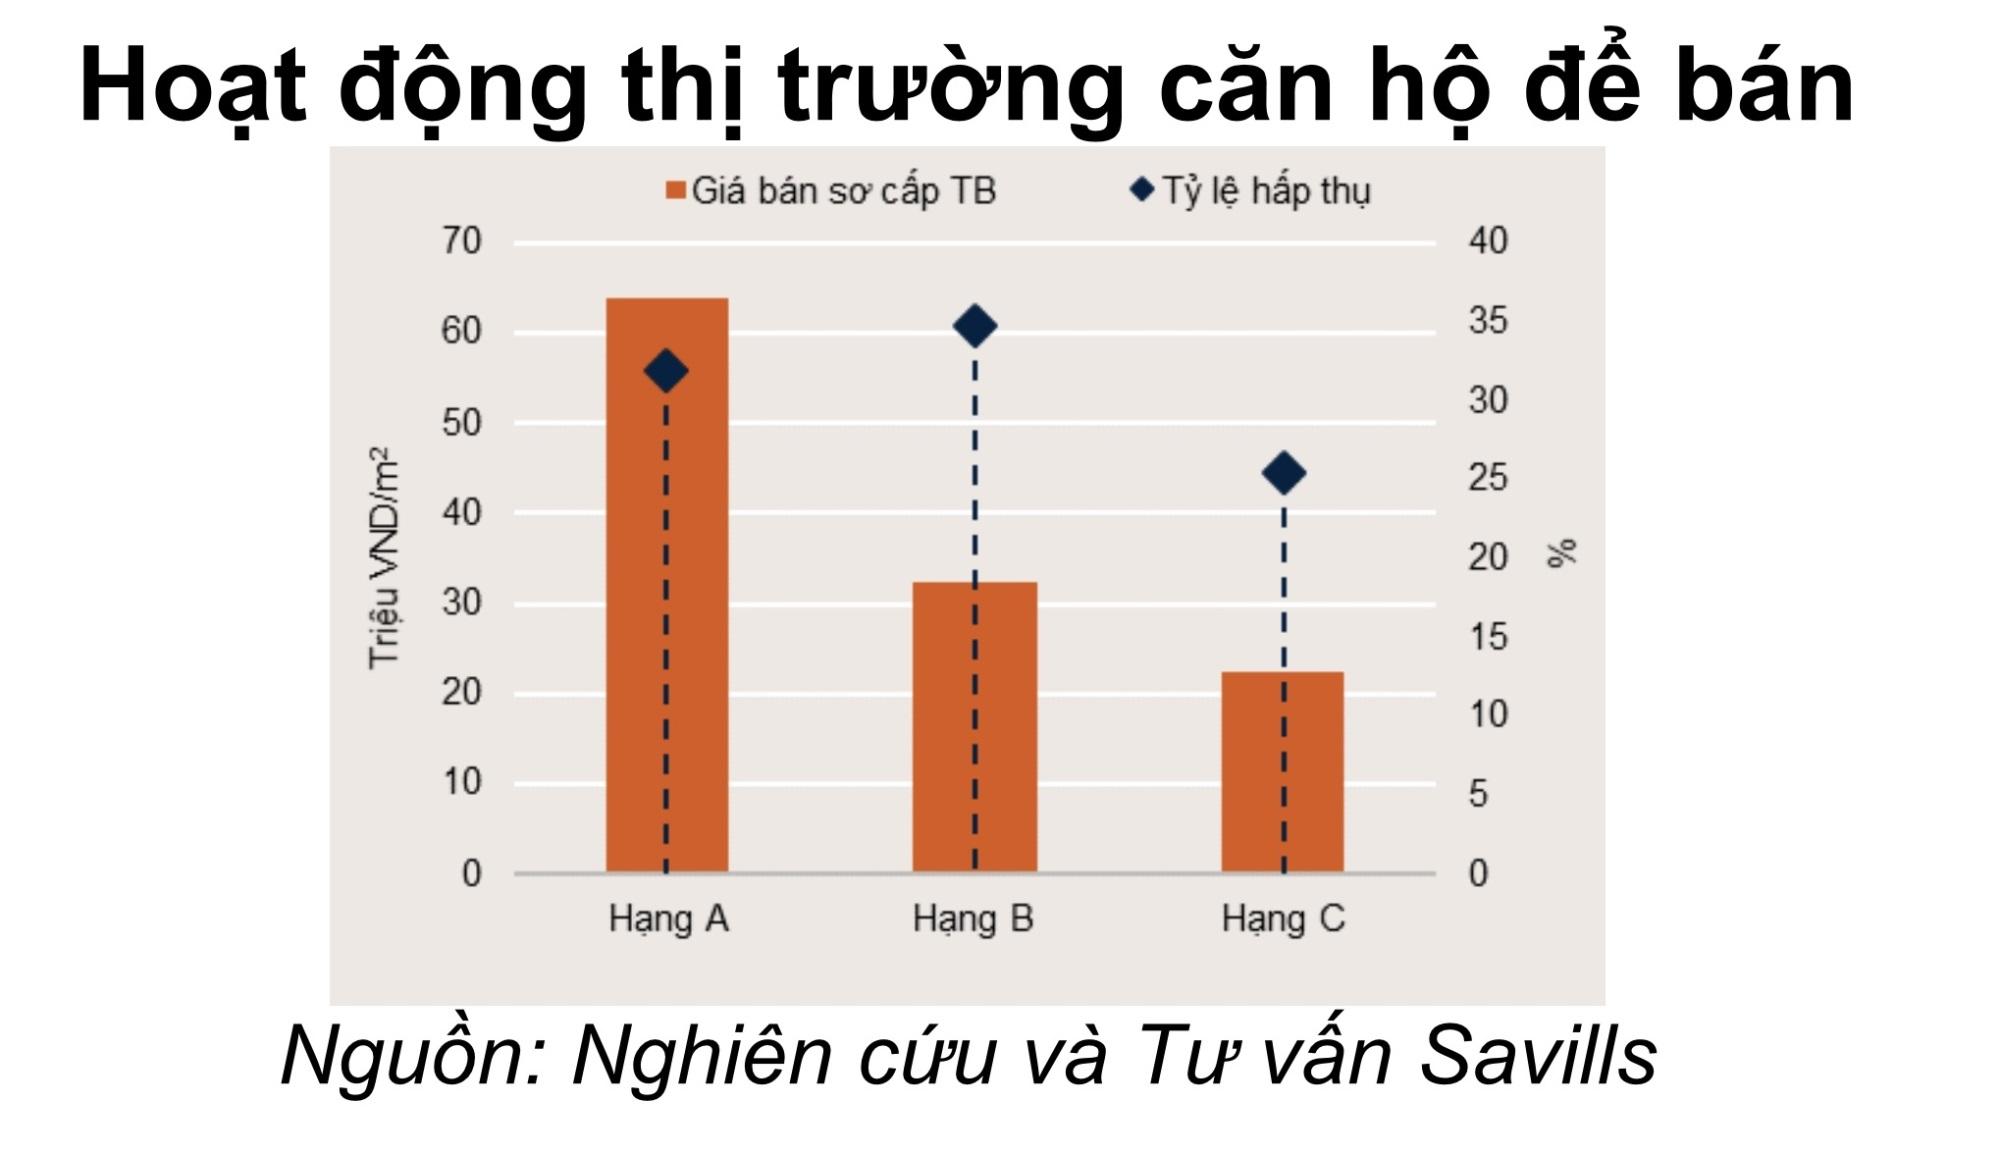 Hà Nội: Nguồn cung 'khủng' chung cư sắp đổ bộ, dân tha hồ mua nhà? - Ảnh 1